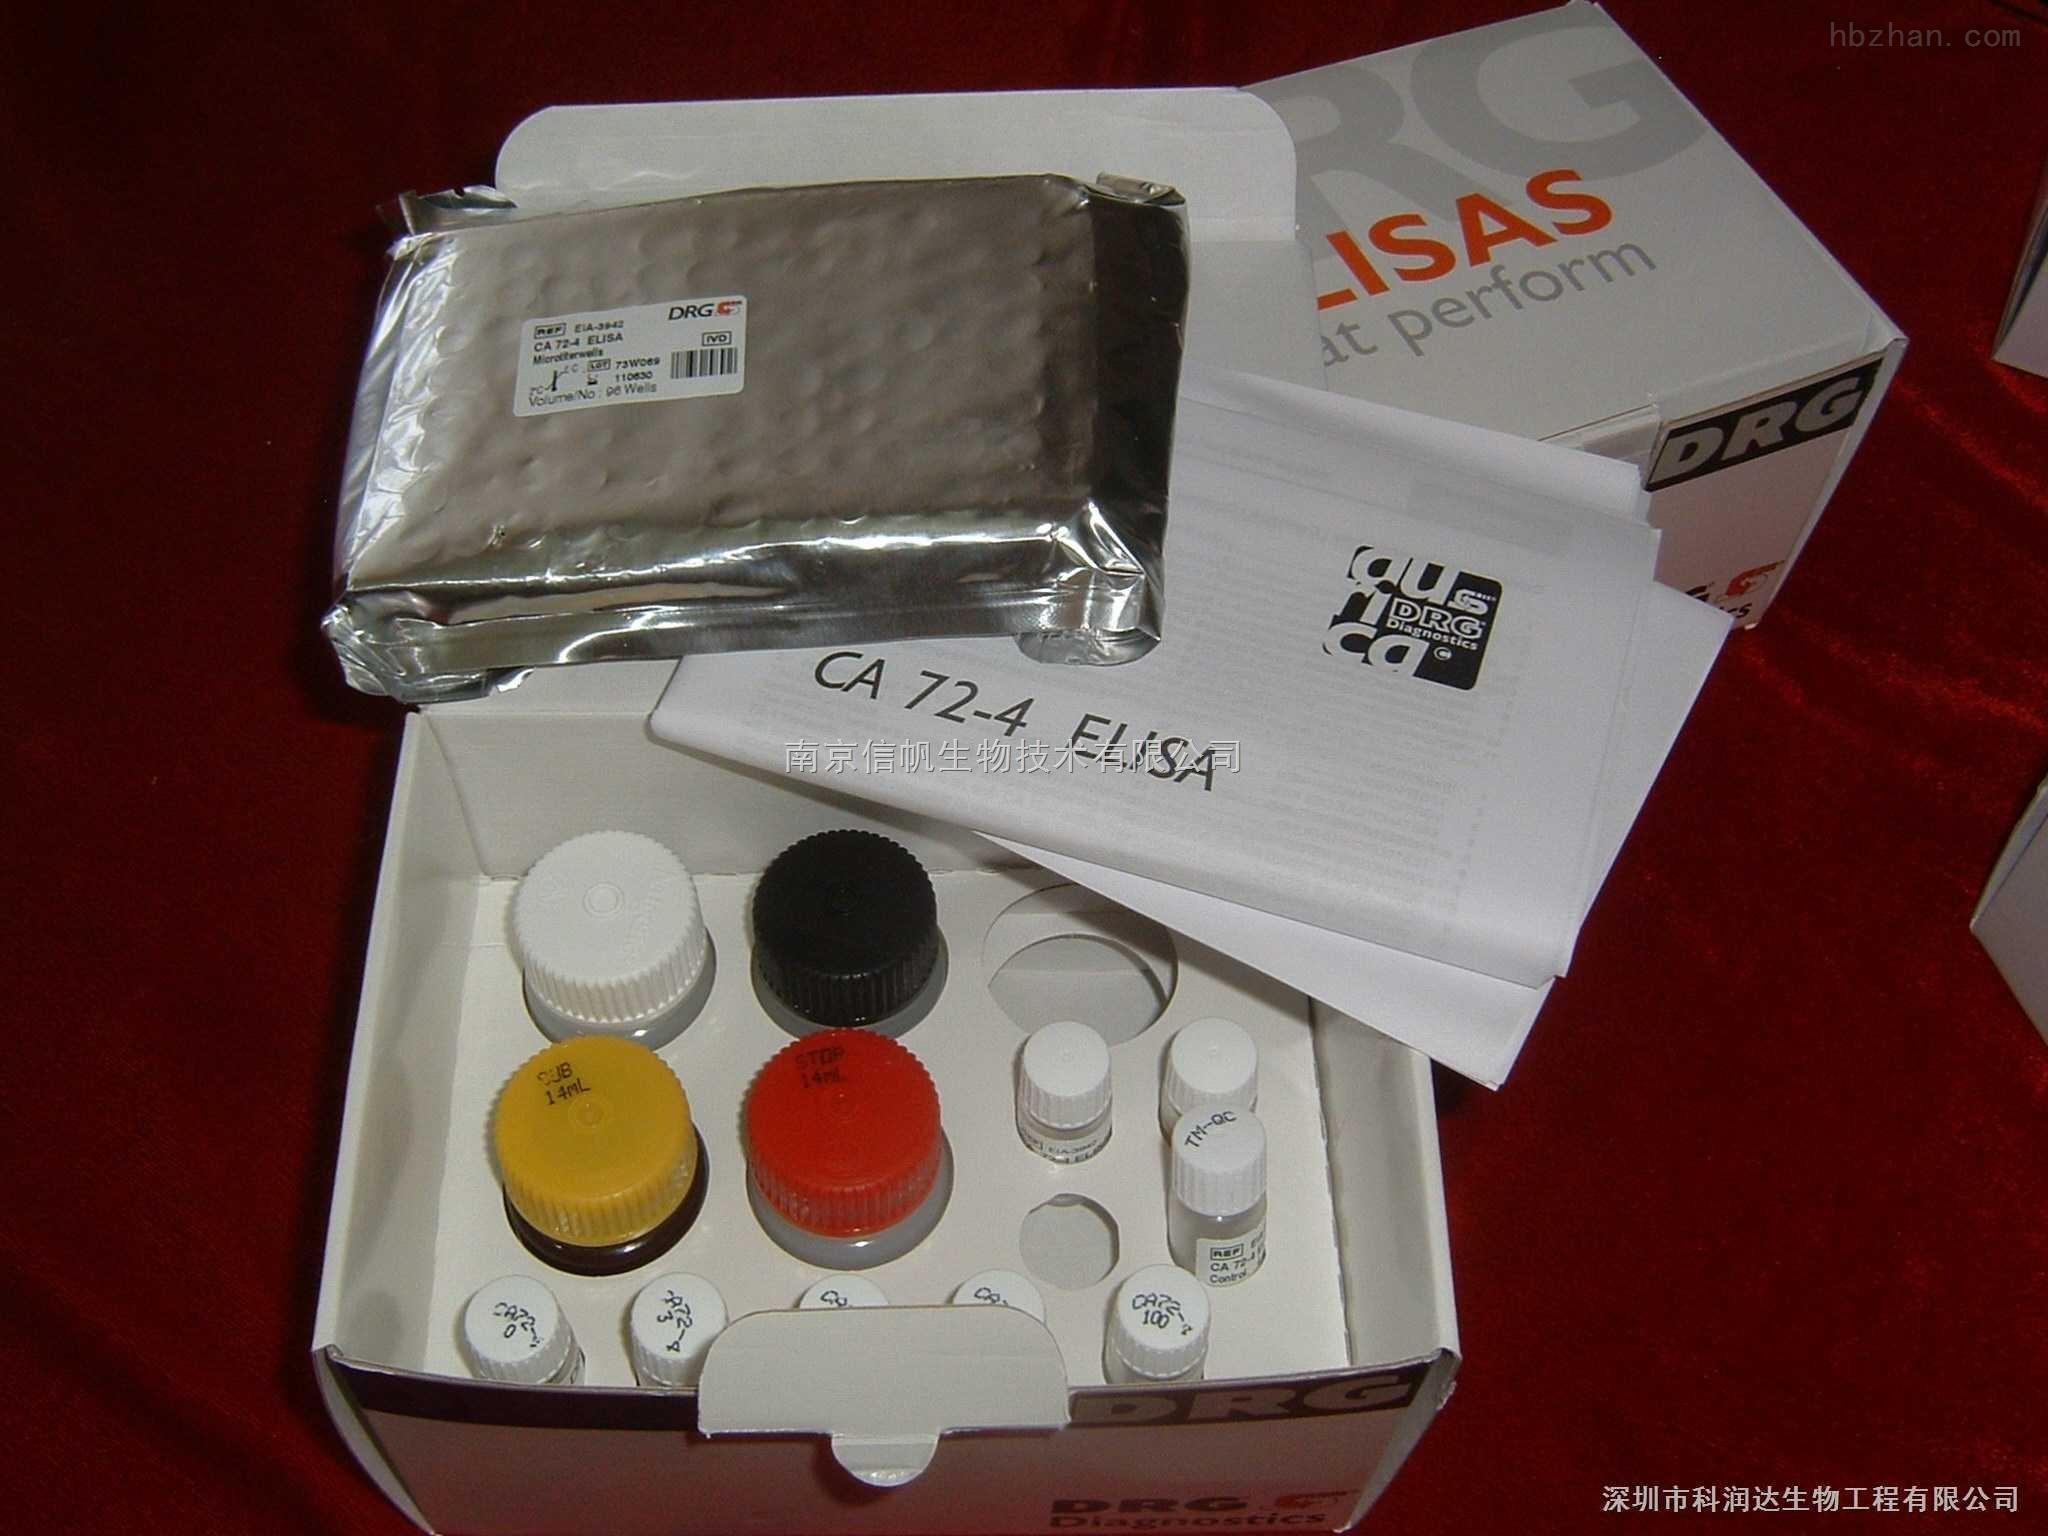 人5核苷酸酶elisa试剂盒